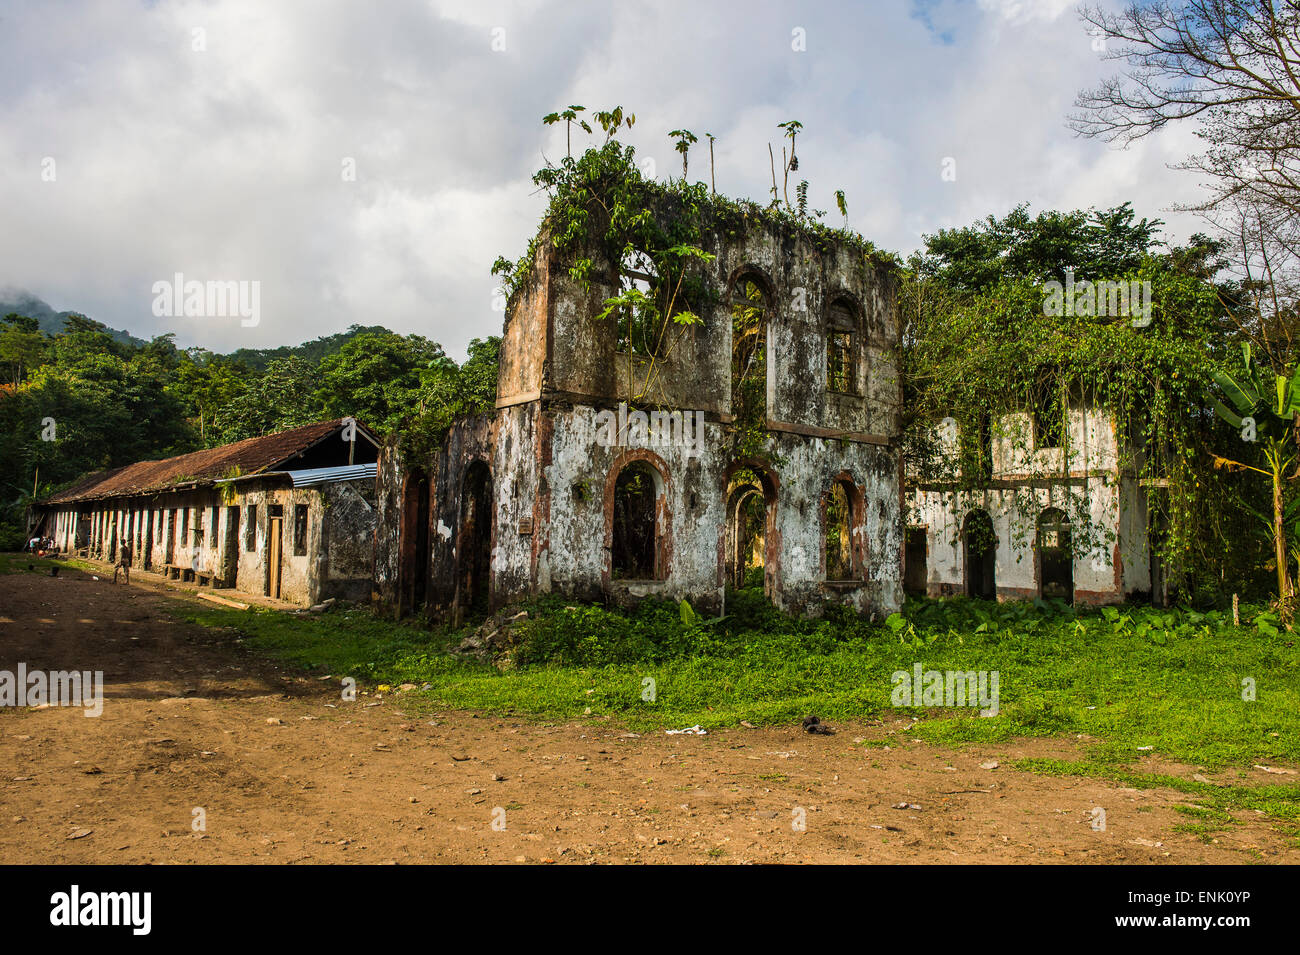 Les maisons de la vieille plantation Bombaim Roca dans la jungle de l'intérieur de Sao Tomé, Sao Tomé Photo Stock